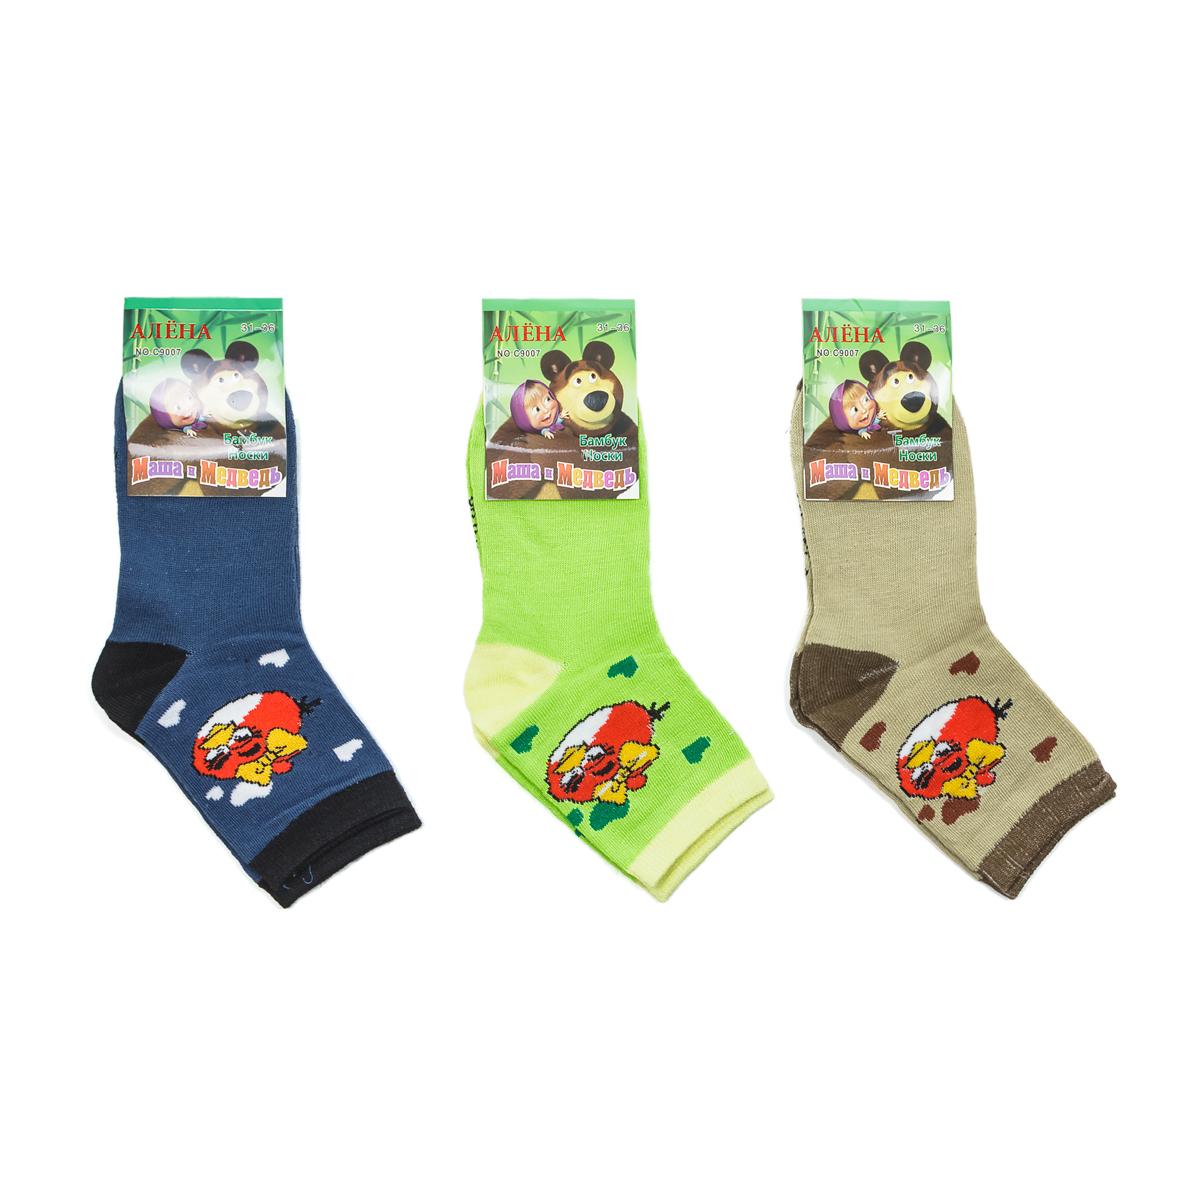 Дет. носки арт. 12-0020 Красный р. 31-36Носки<br><br><br>Тип: Дет. носки<br>Размер: 31-36<br>Материал: Трикотаж